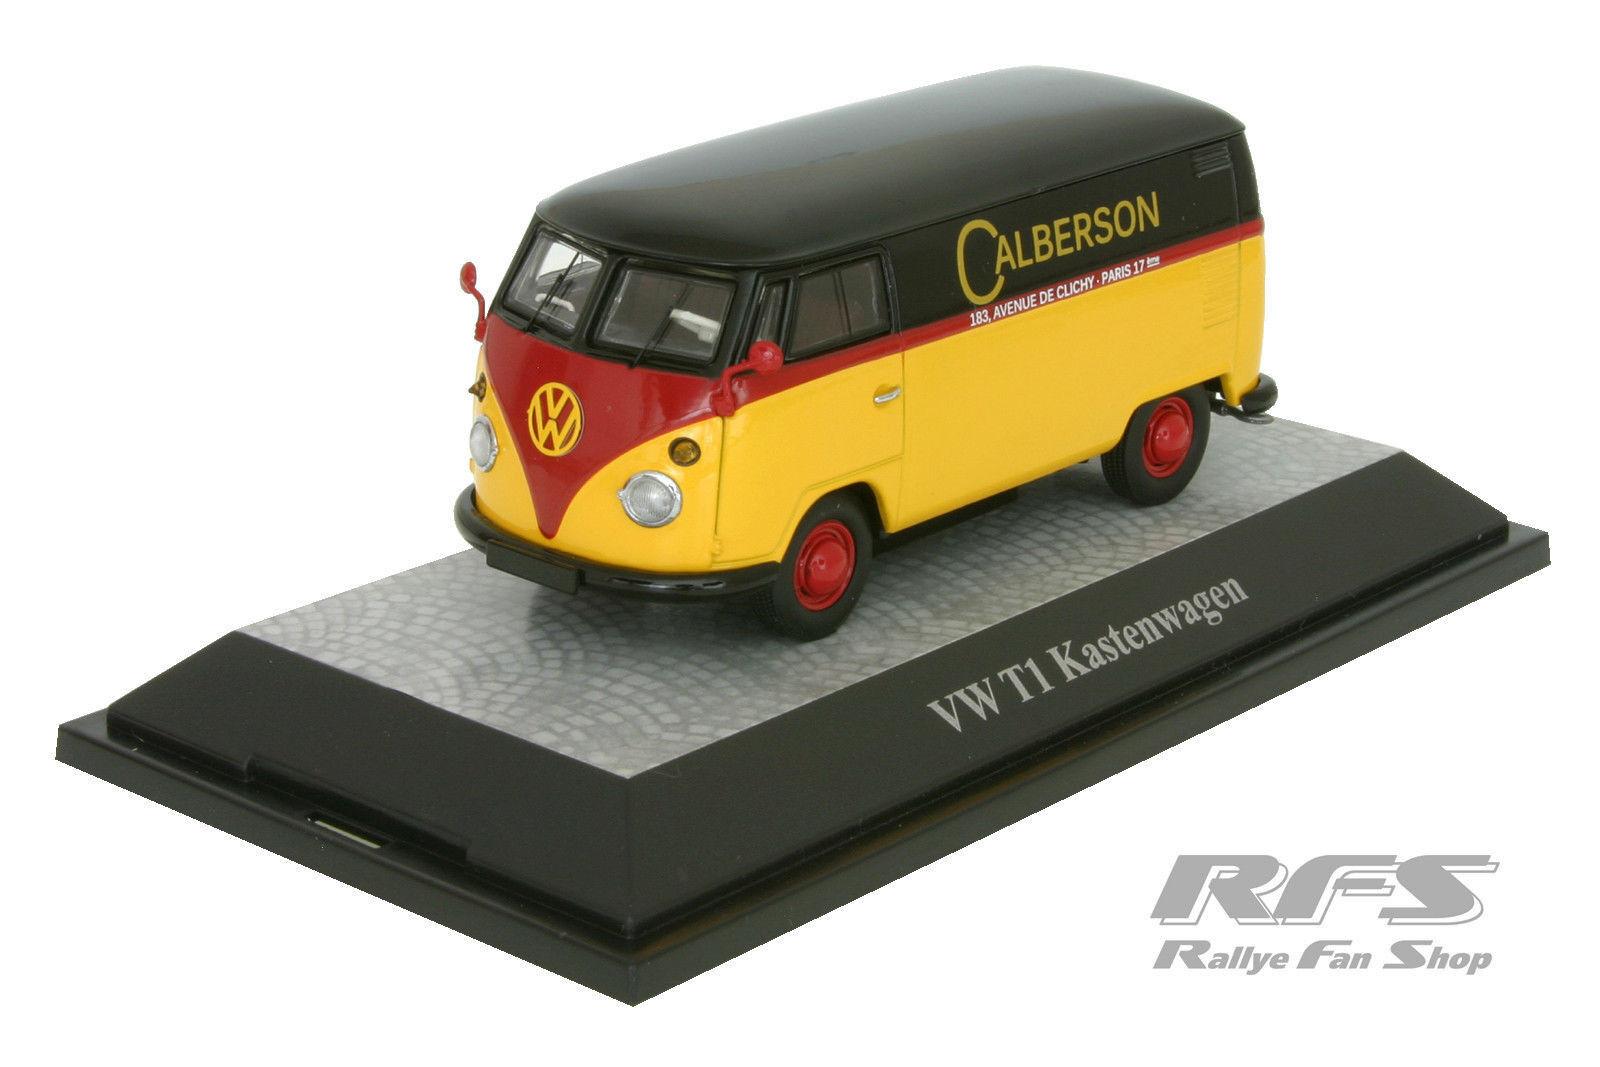 Vw t1 kastenwagen - calberson - schwarz   rot   gelb - 1 43 pc 13803